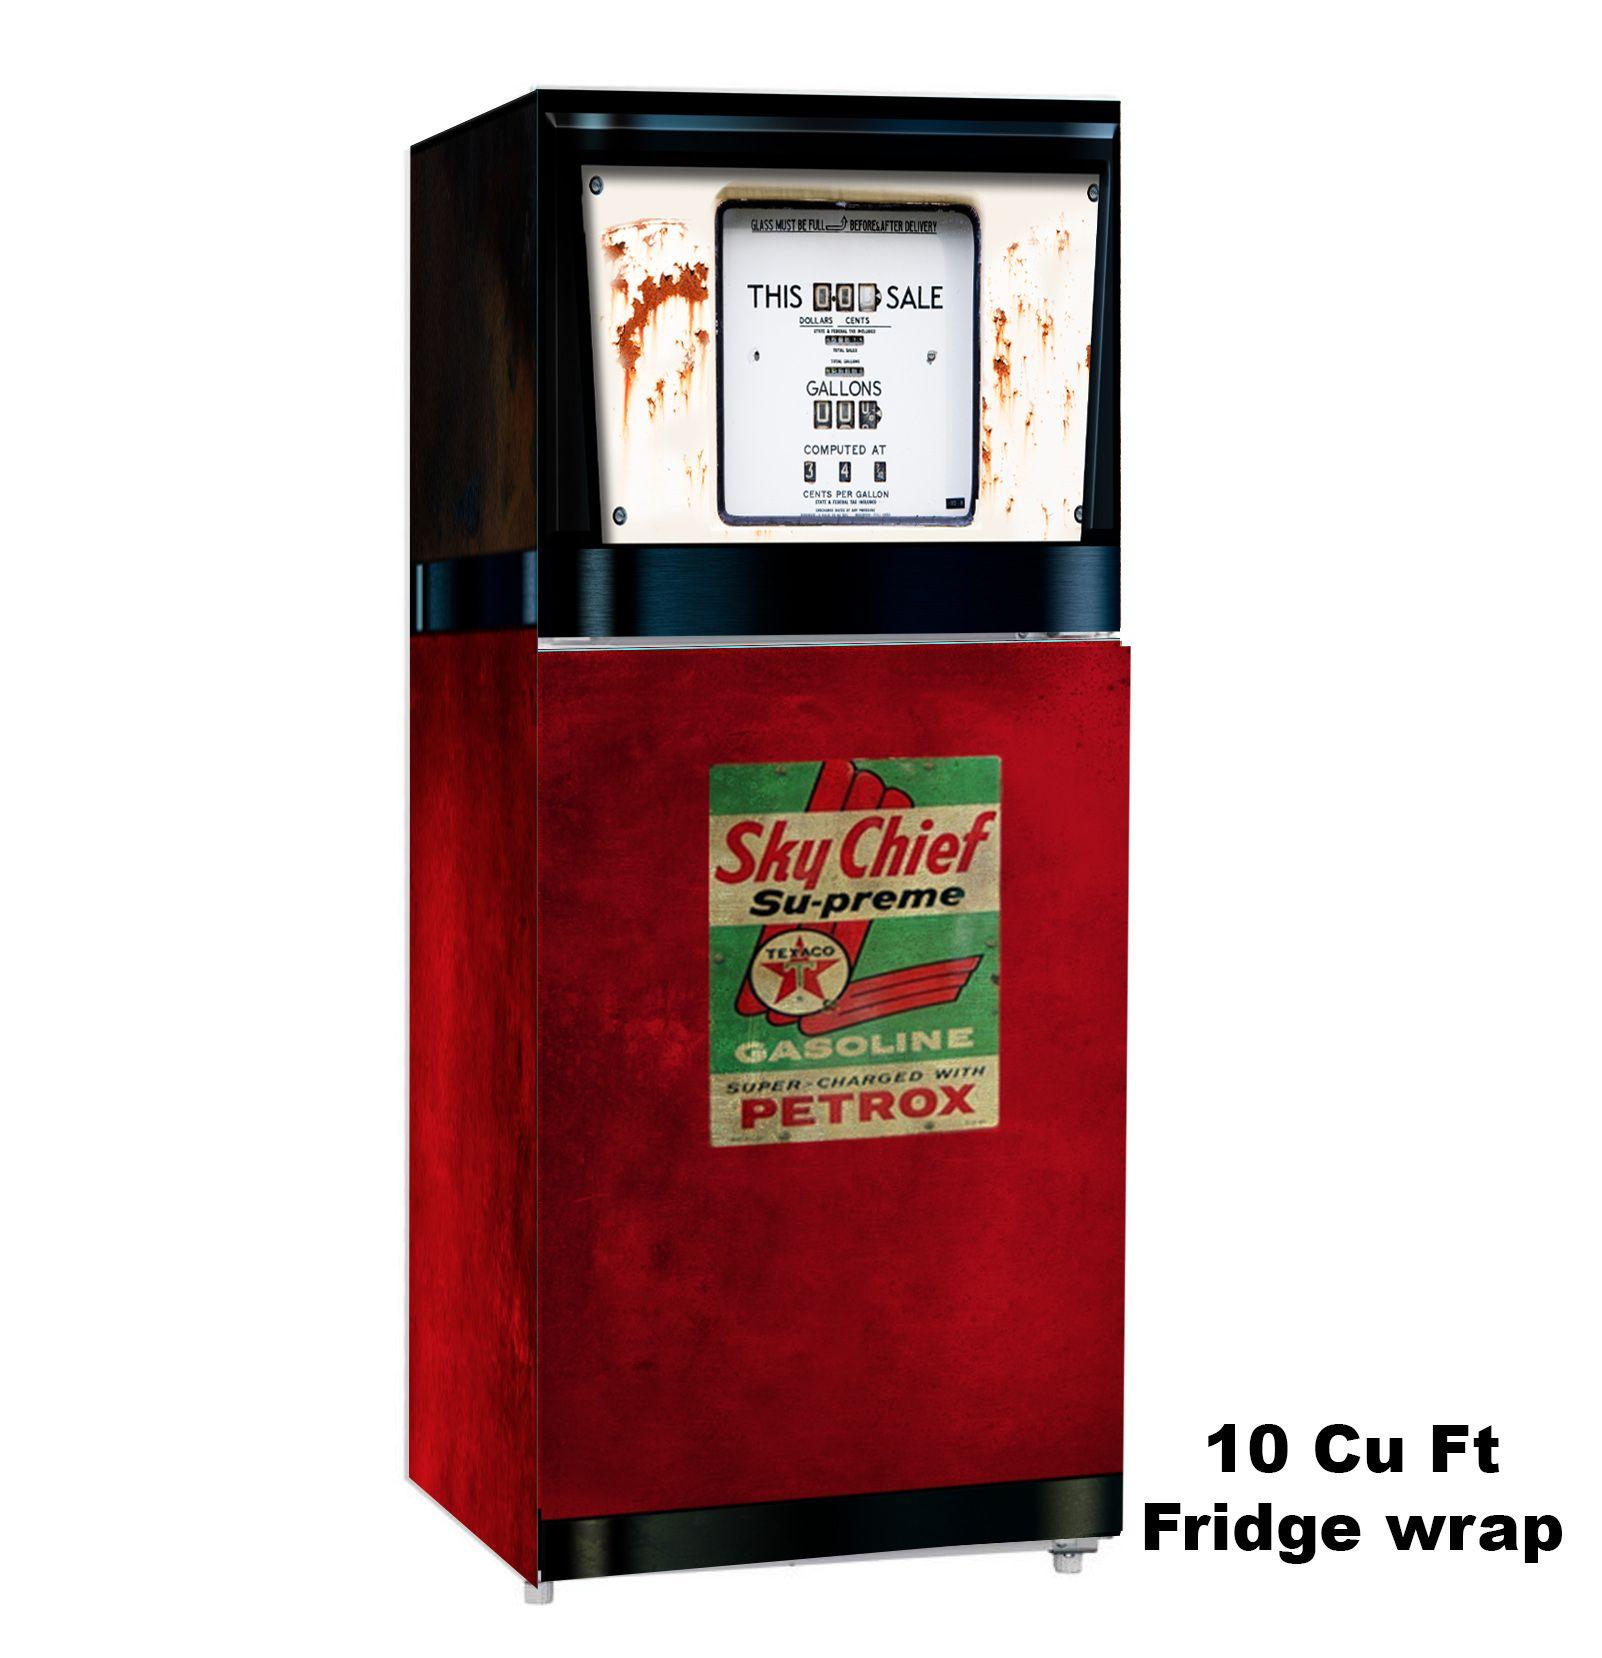 Sky Chief Texaco Pump 10 Cu Ft Fridge Wrap Rm Wraps Sky Chief Refrigerator Panels Color Refrigerator